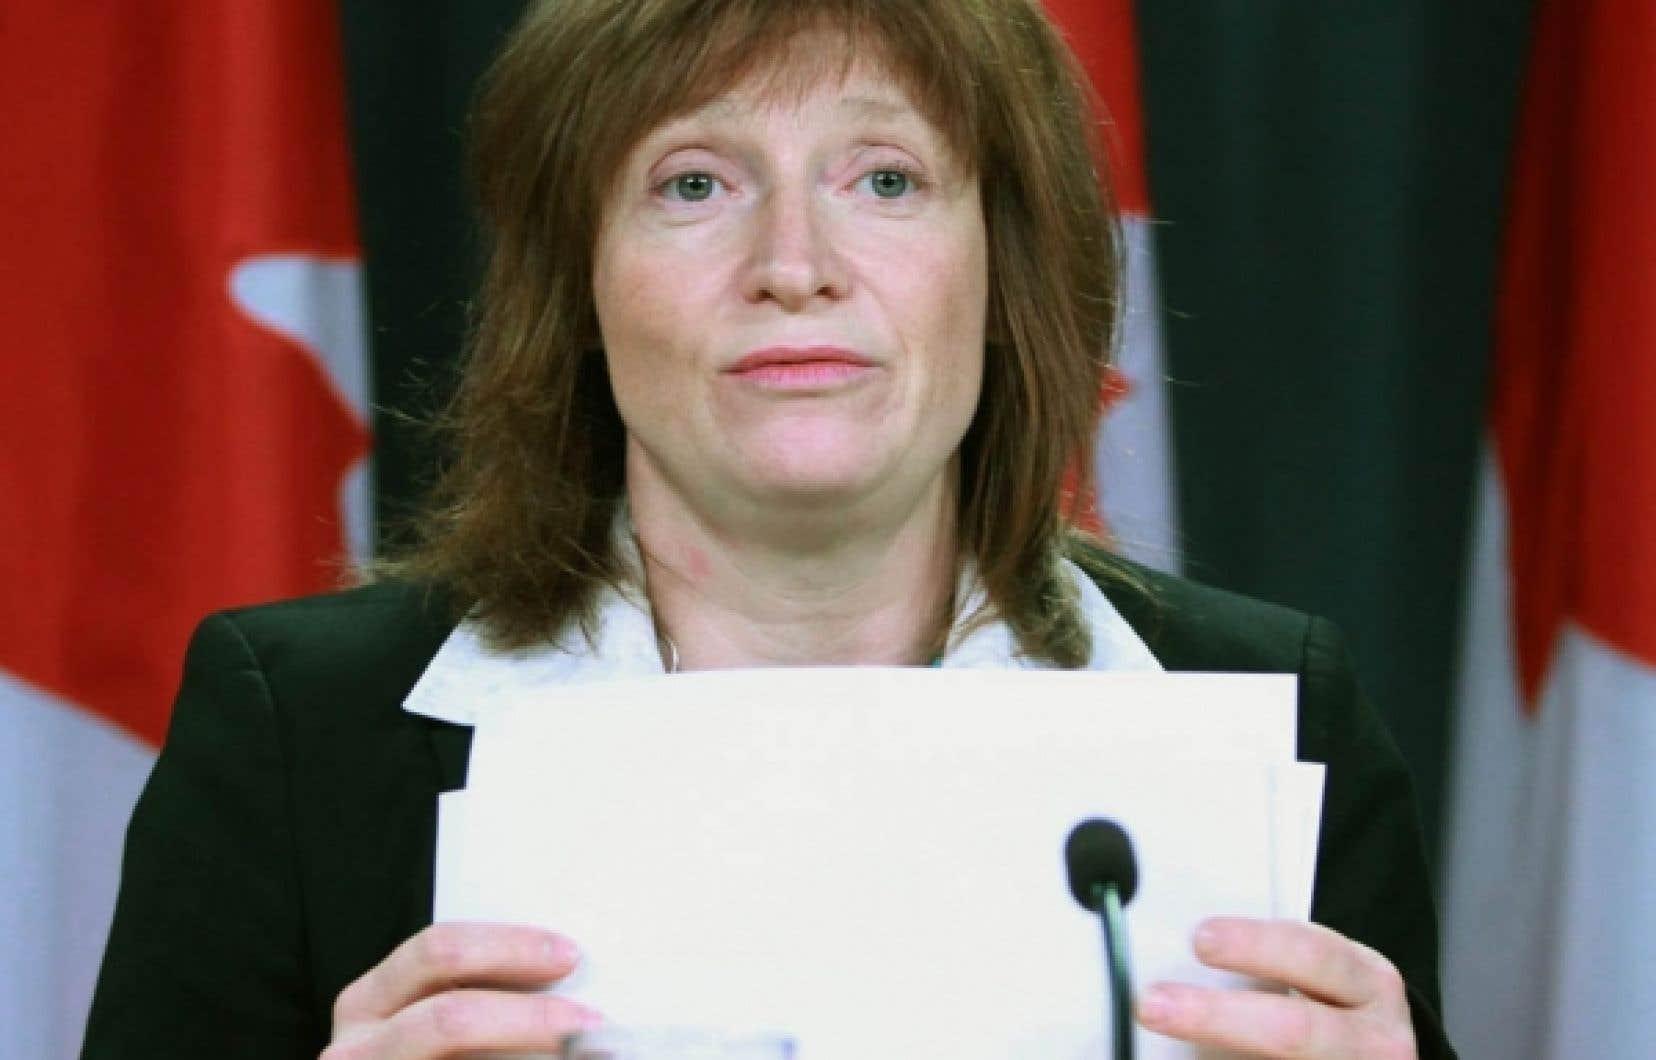 La commissaire à l'information par intérim, Suzanne Legault, a déposé hier un rapport montrant que le gouvernement Harper manque de trans-parence en matière d'accès à l'information.